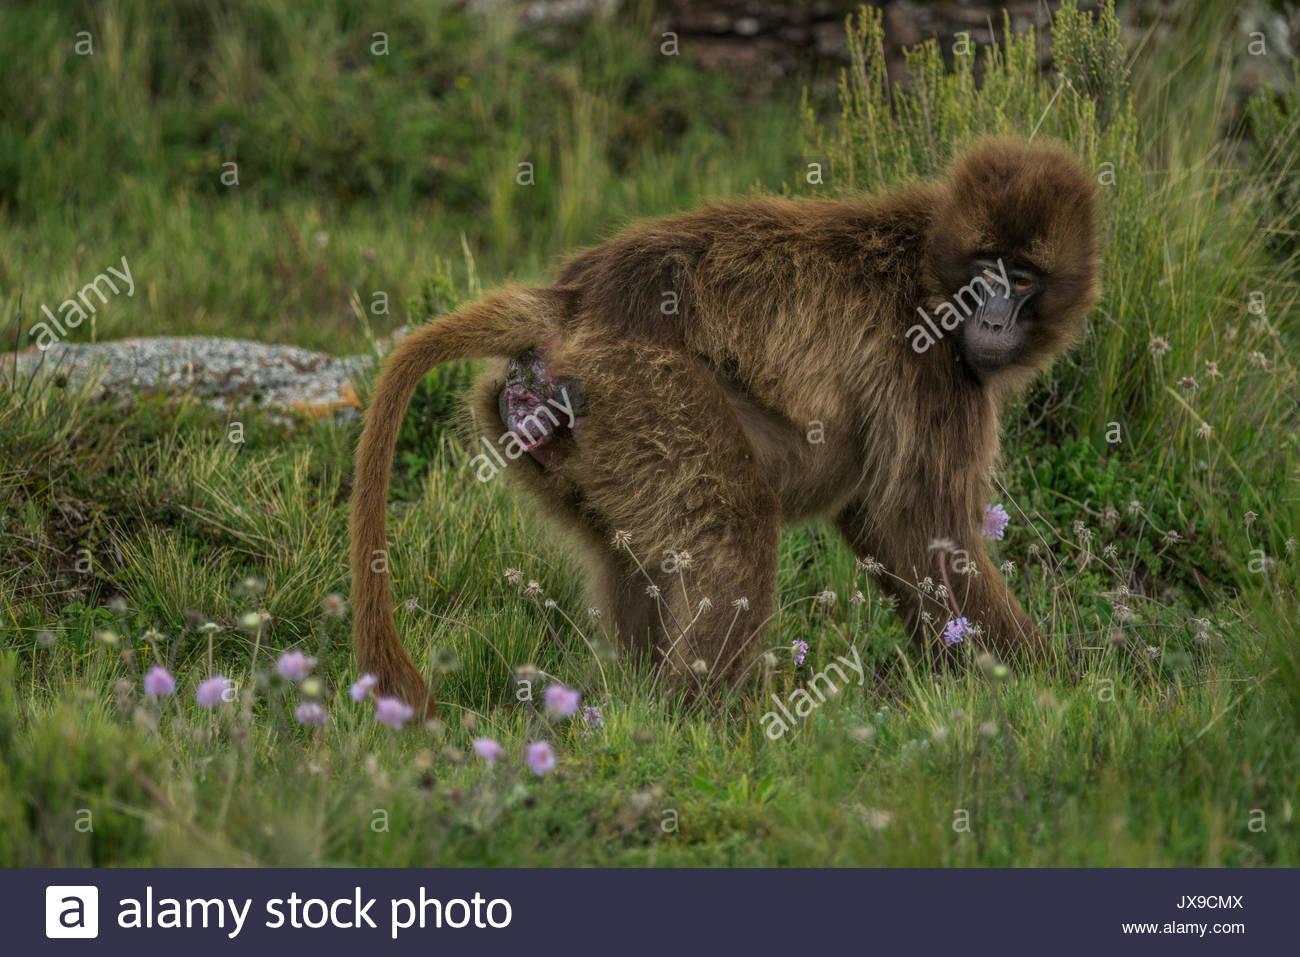 Quando parto, geladas spesso isolarsi per evitare comportamenti aggressivi da altre scimmie e rimanere in silenzio nel tentativo di eludere i predatori. Immagini Stock